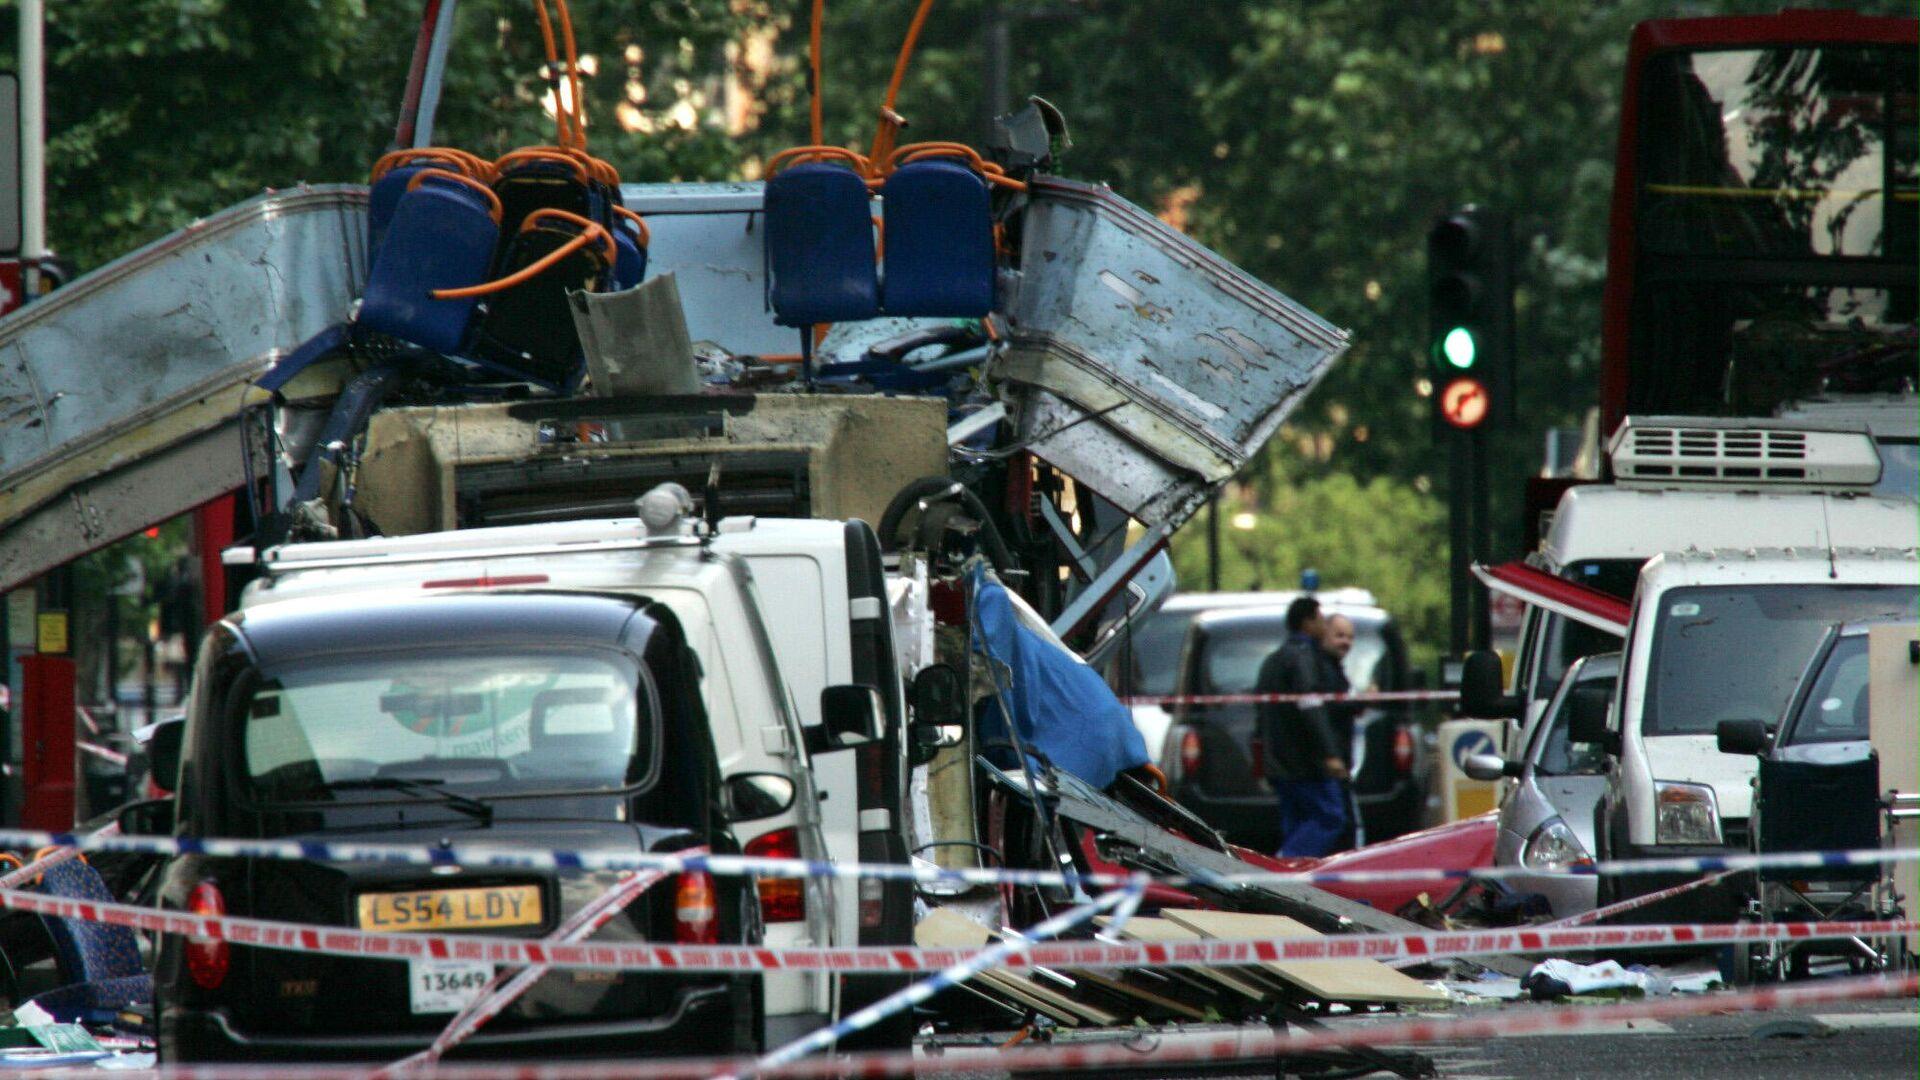 Terrorattacke eines Islamisten in London, 2005 - SNA, 1920, 07.07.2021